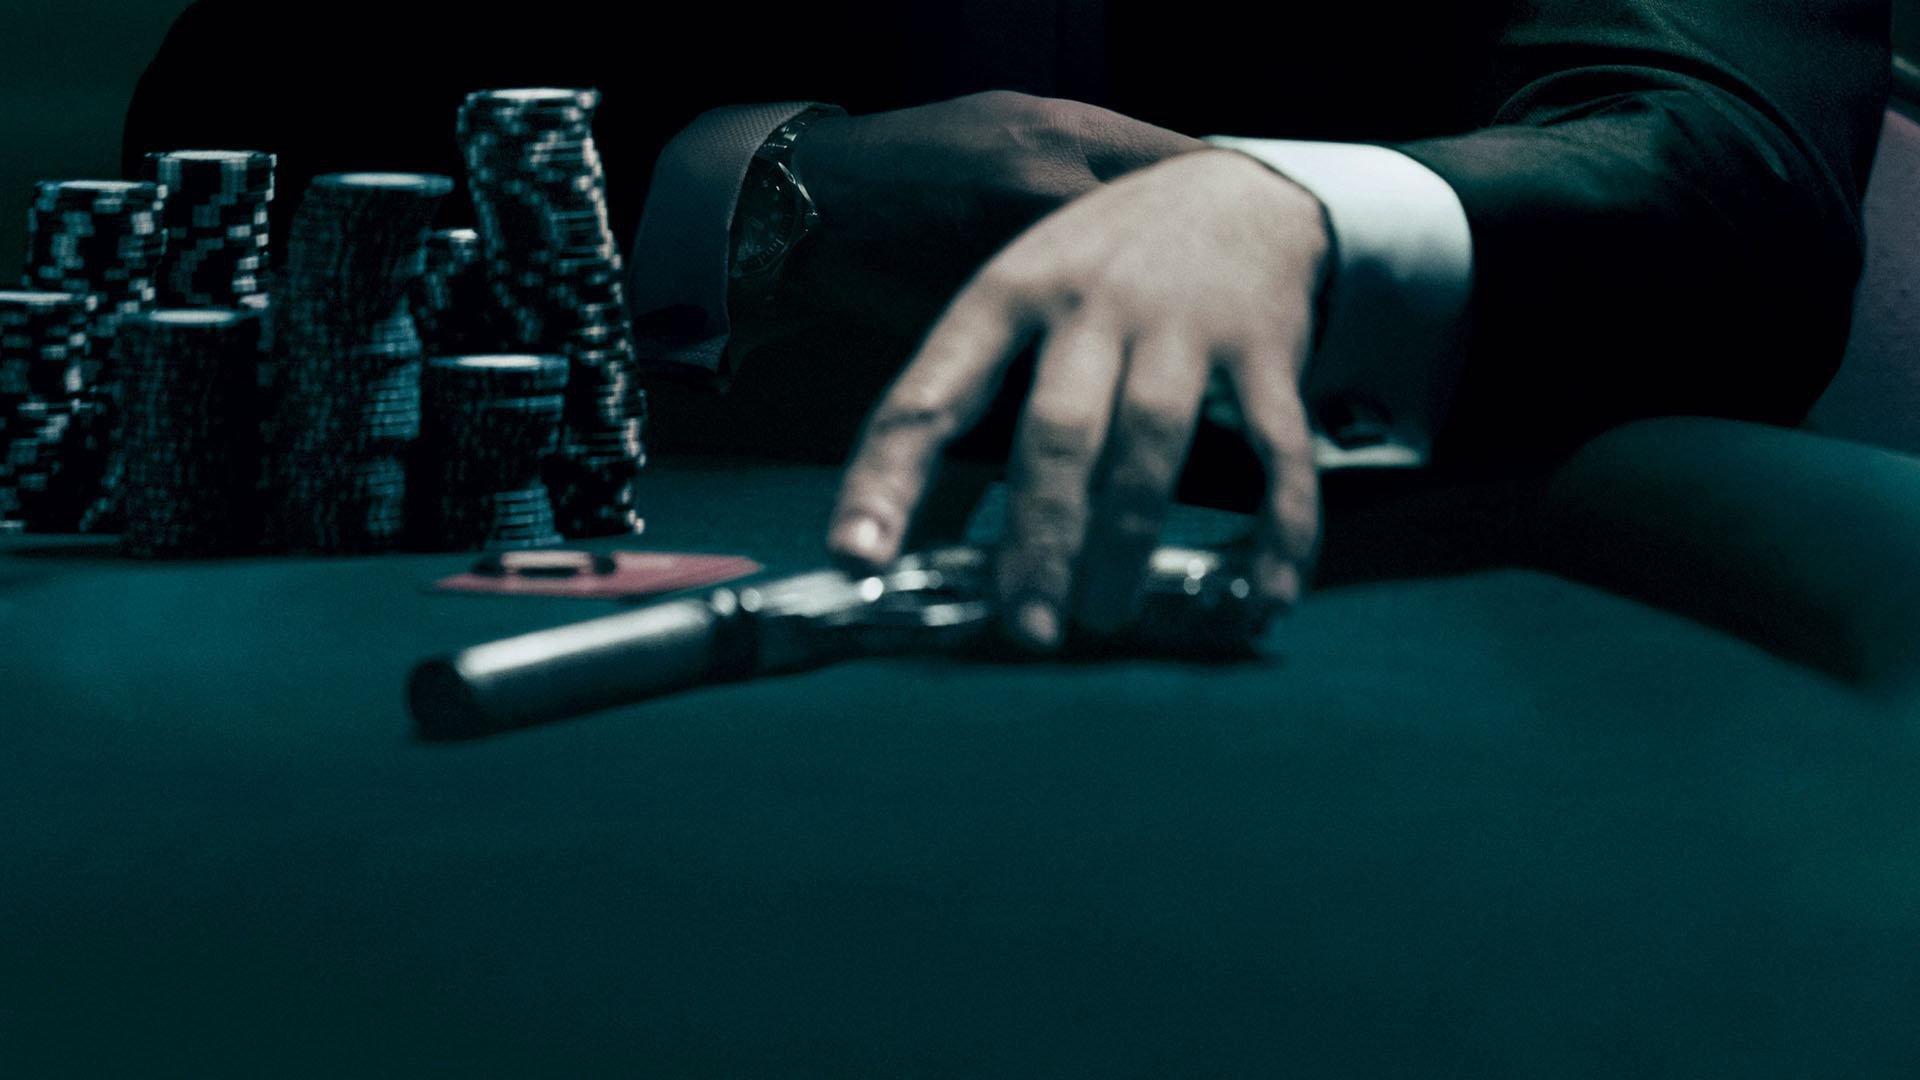 Hands Guns Gambling Cards Chips Pistol Wallpaper 1920x1080 704304 Wallpaperup